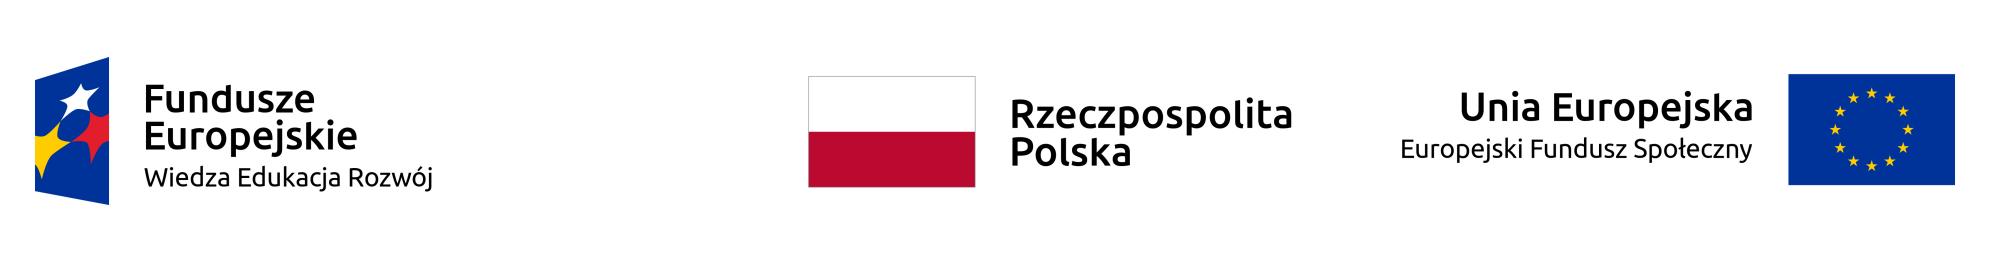 Logo Fundusze Europejskie - Rzeczposoplita Polska - Unia Europejska